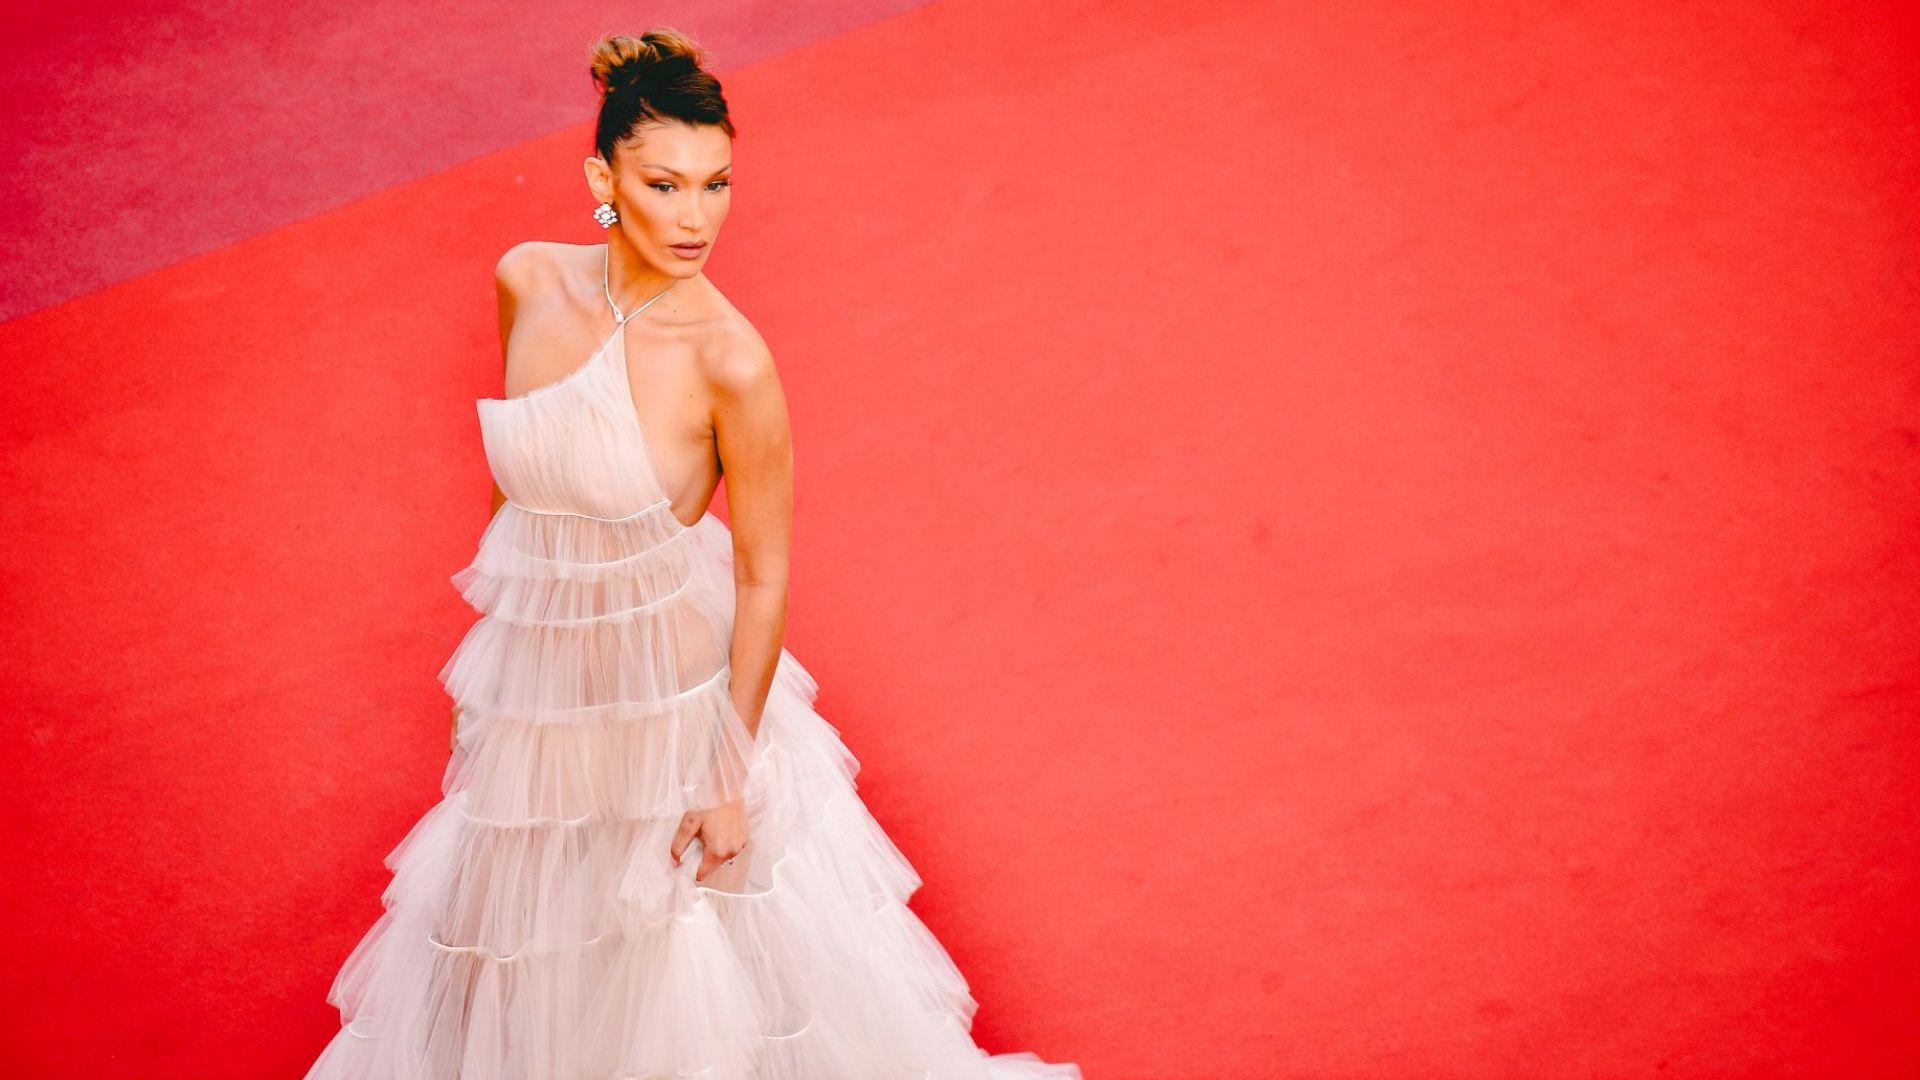 Бела Хадид избра предизвикателна рокля за появата си в Кан